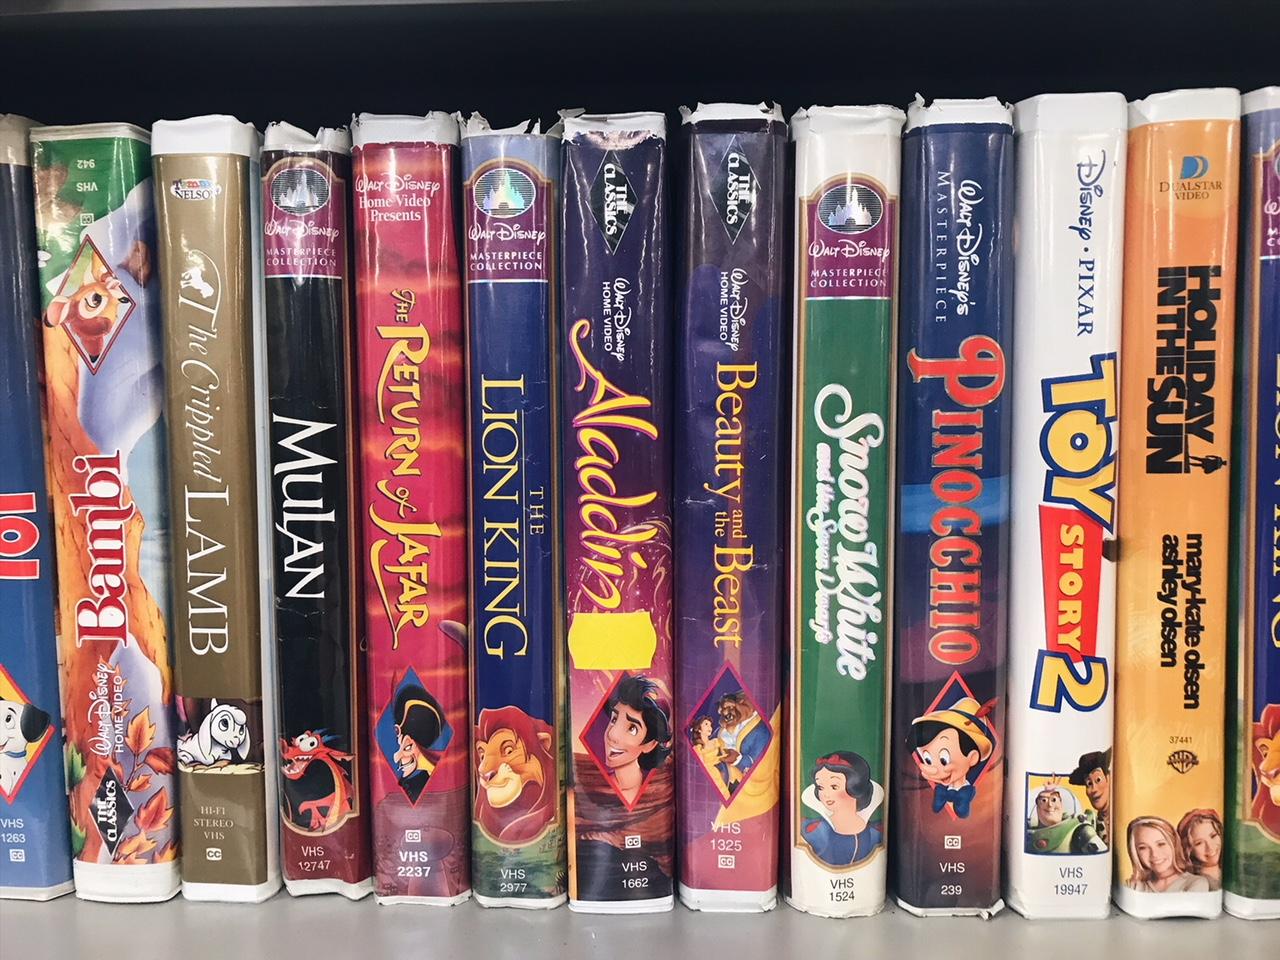 Vintage Disney VHS Videos at Goodwill